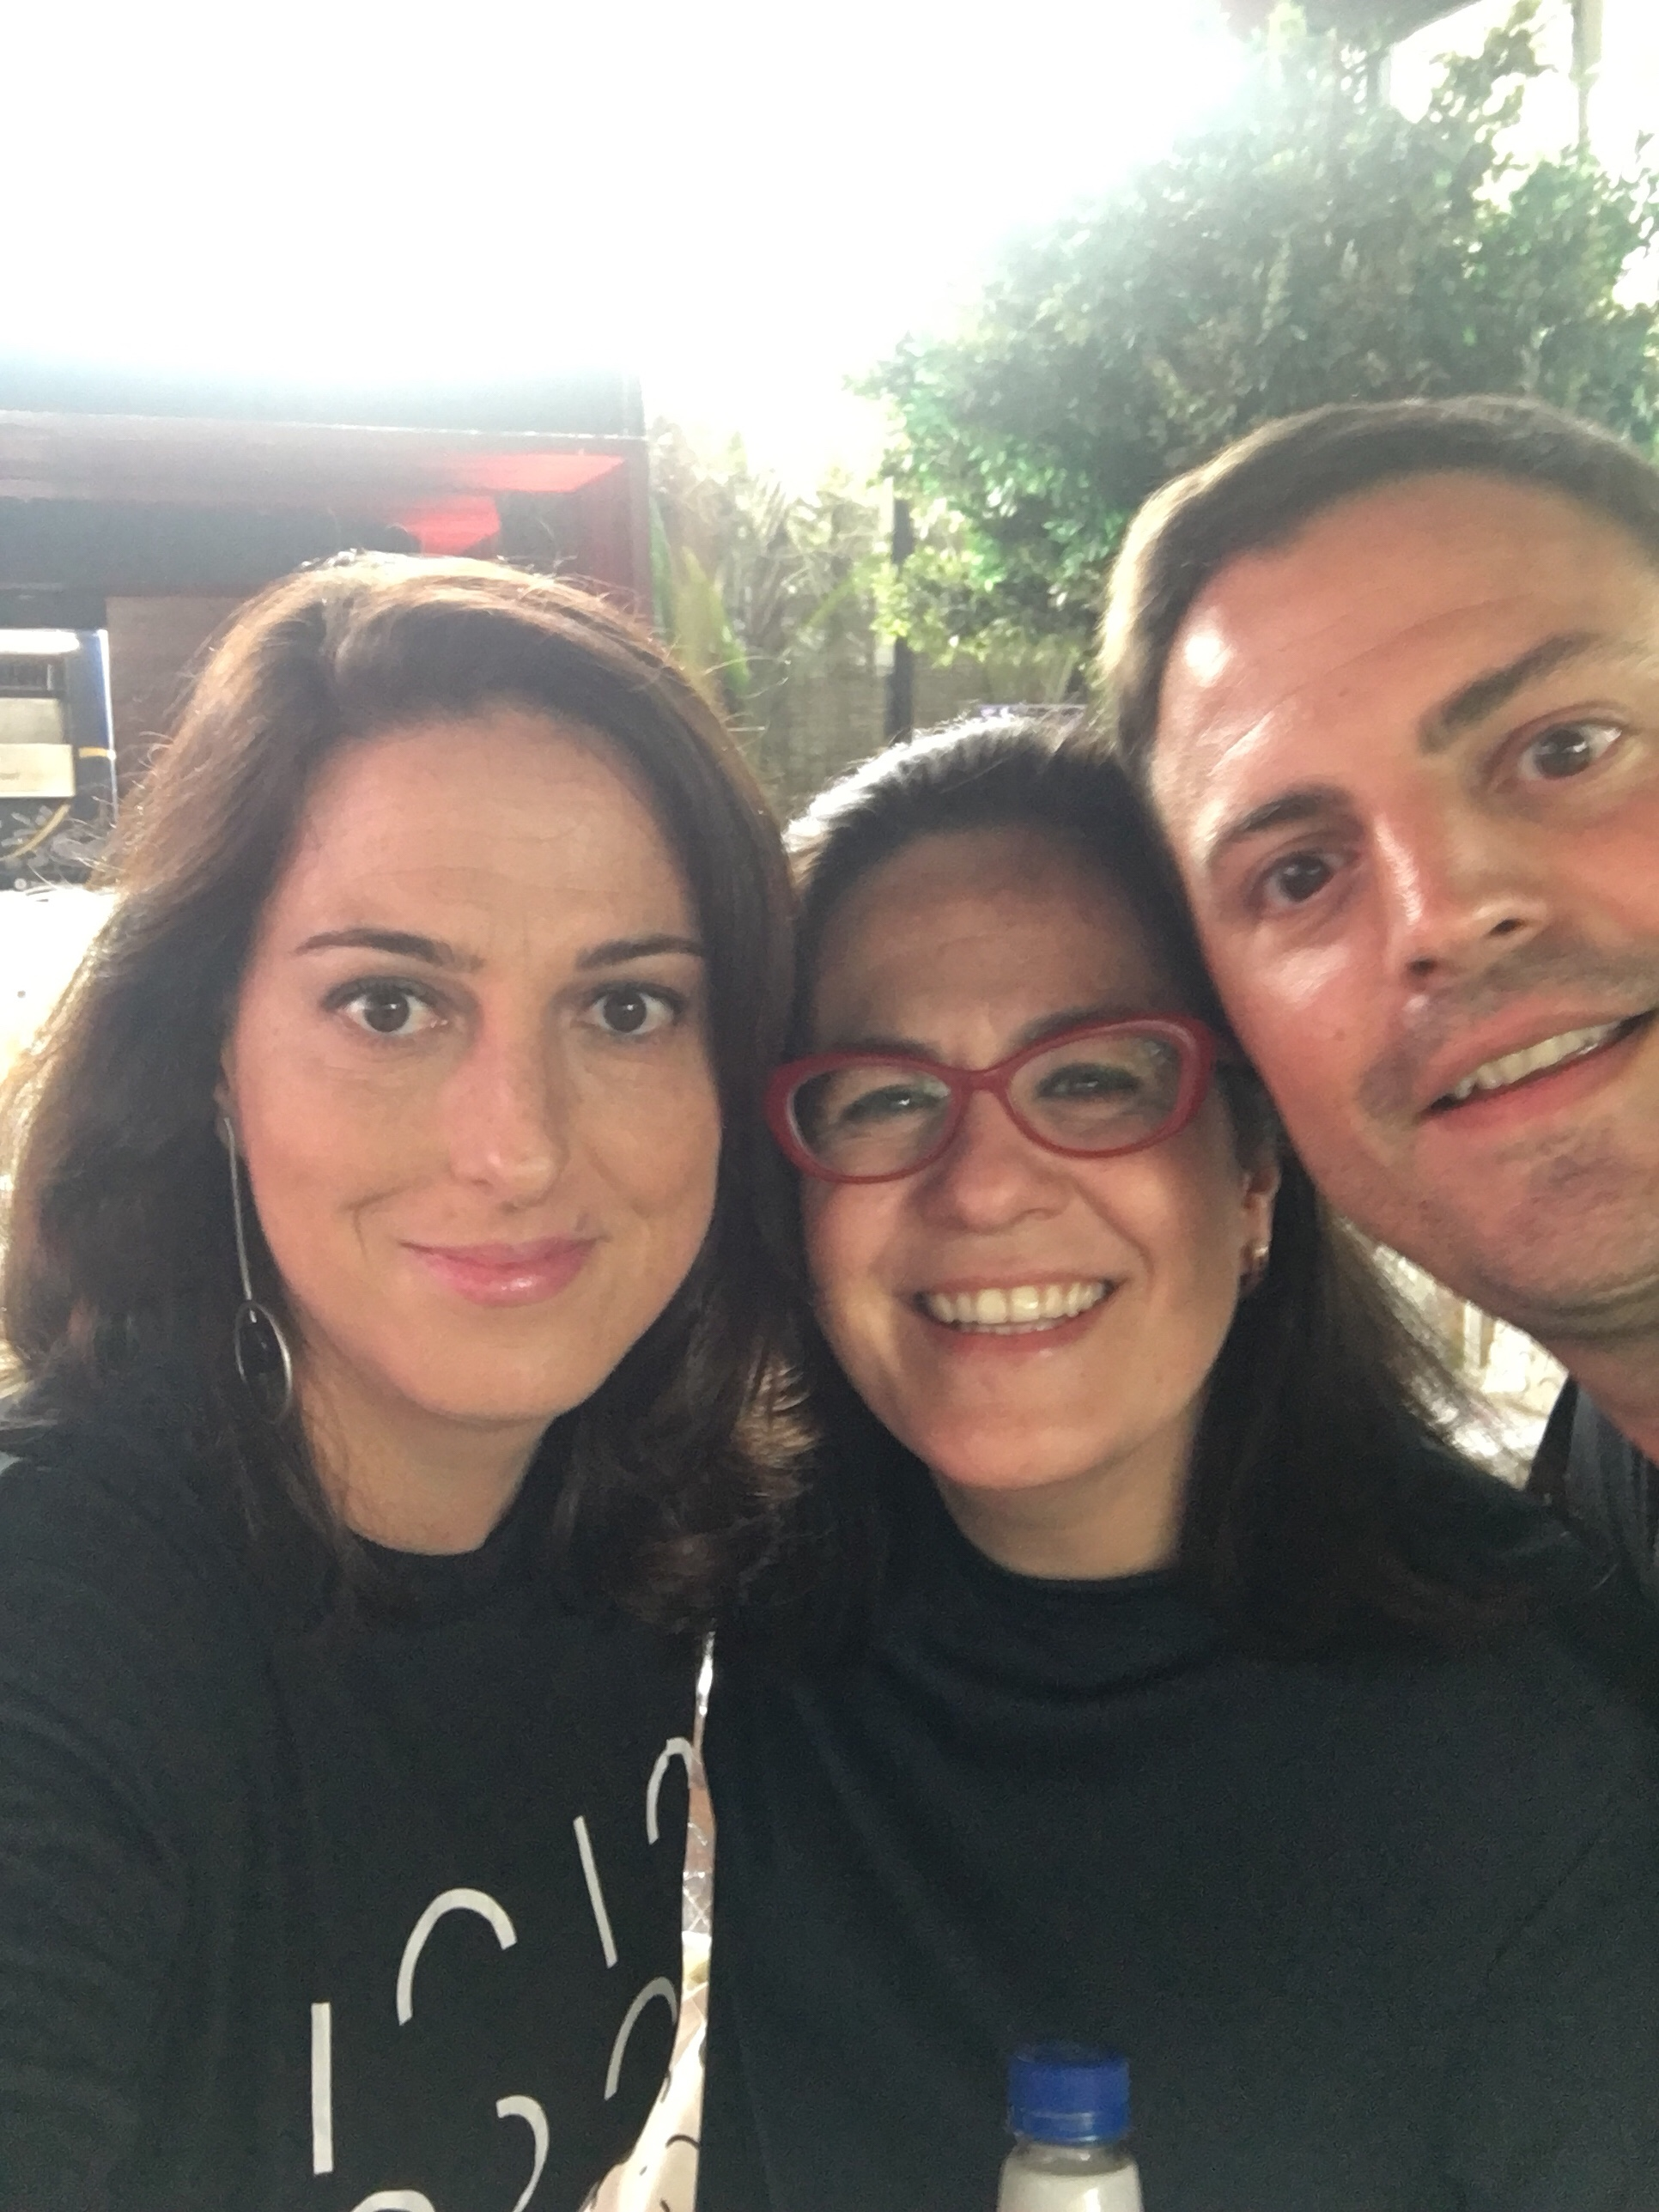 Ailin Aleixo Marcela Senise & Charles Piriou